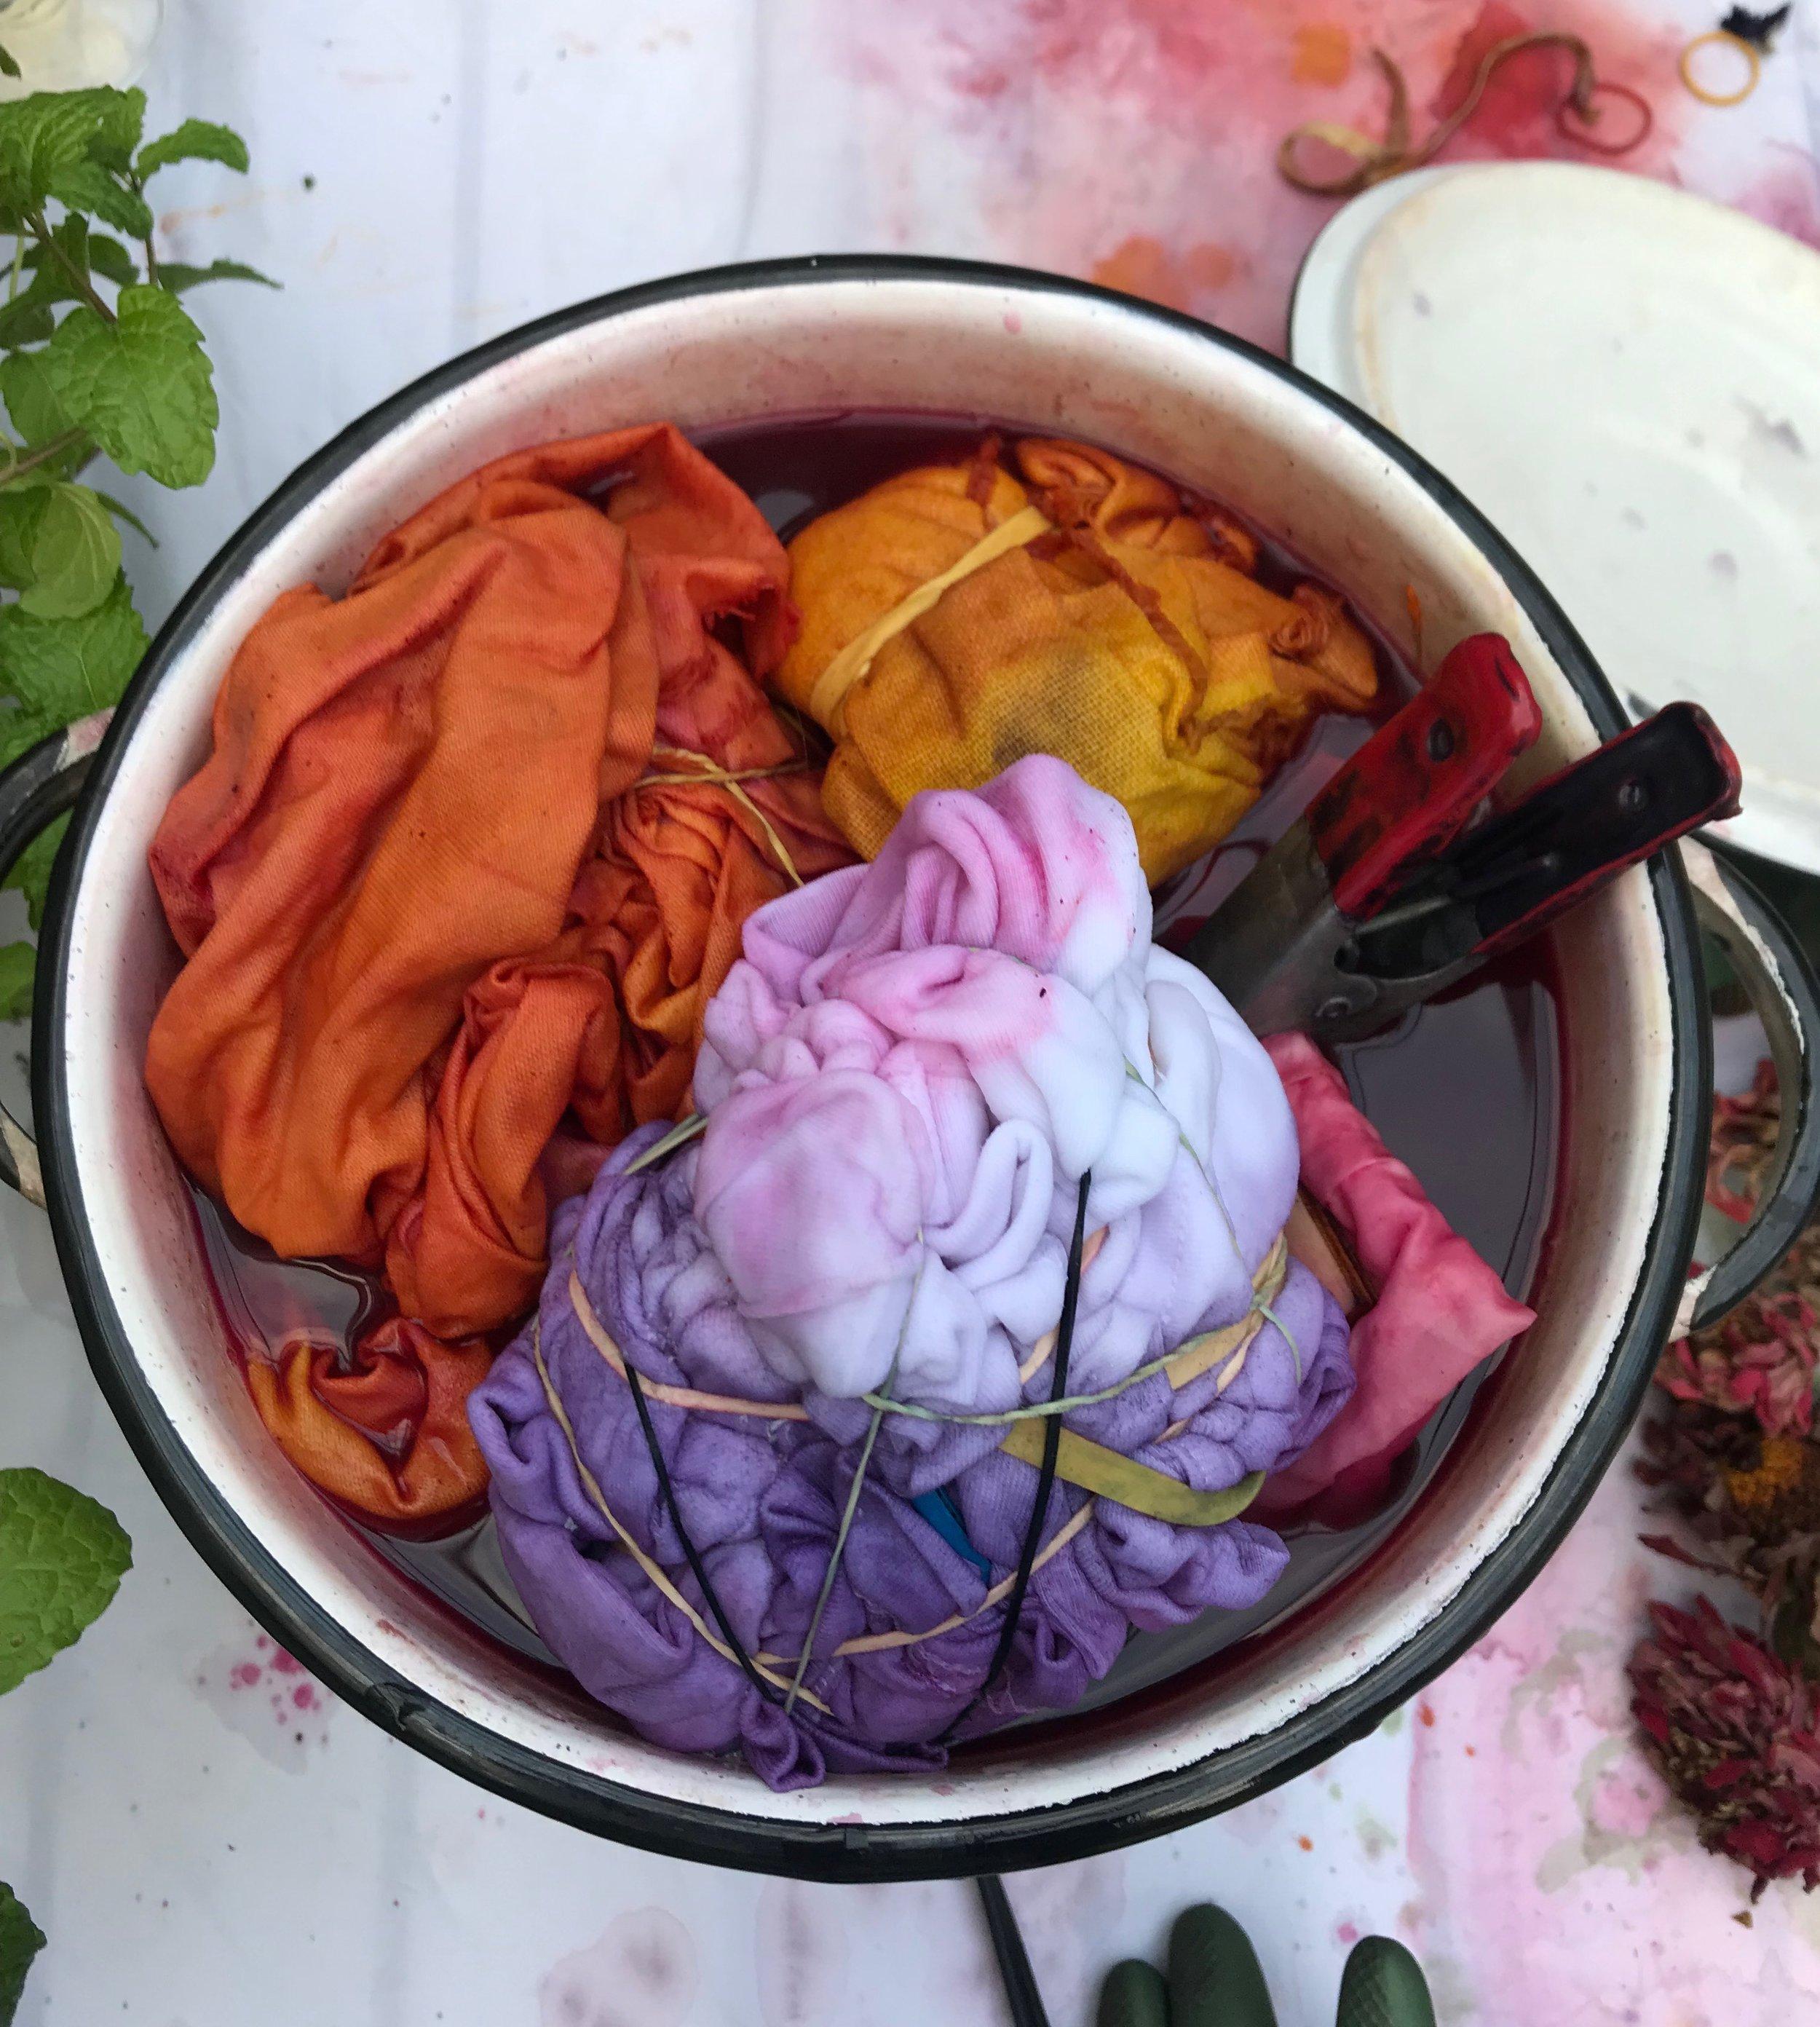 paper fashion dye pot.JPG